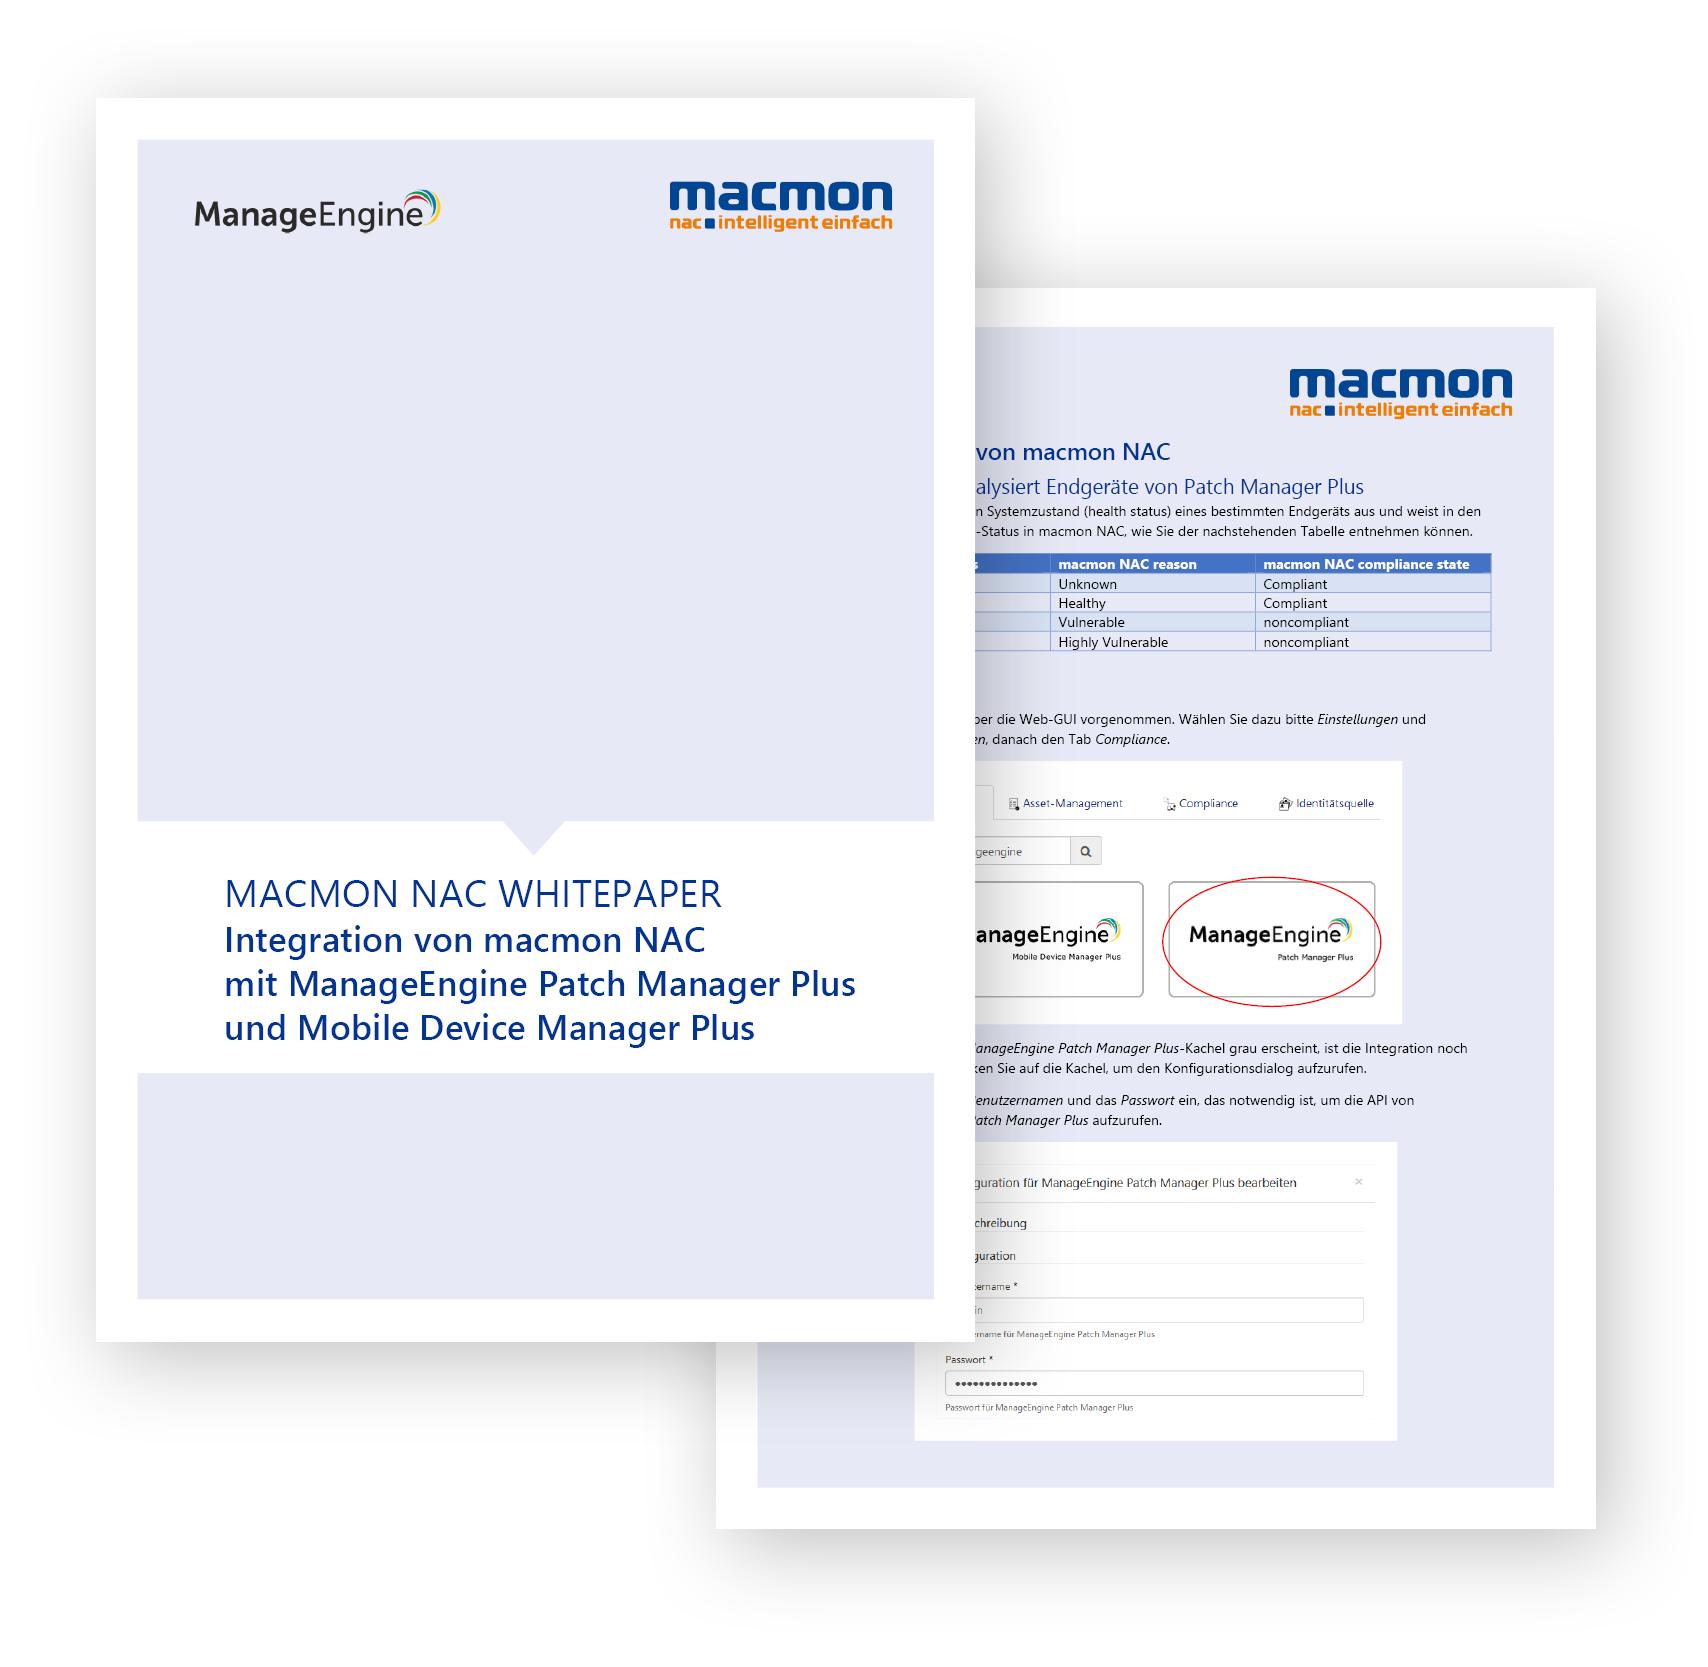 macmon_web_whitepaper_Manage _Engine